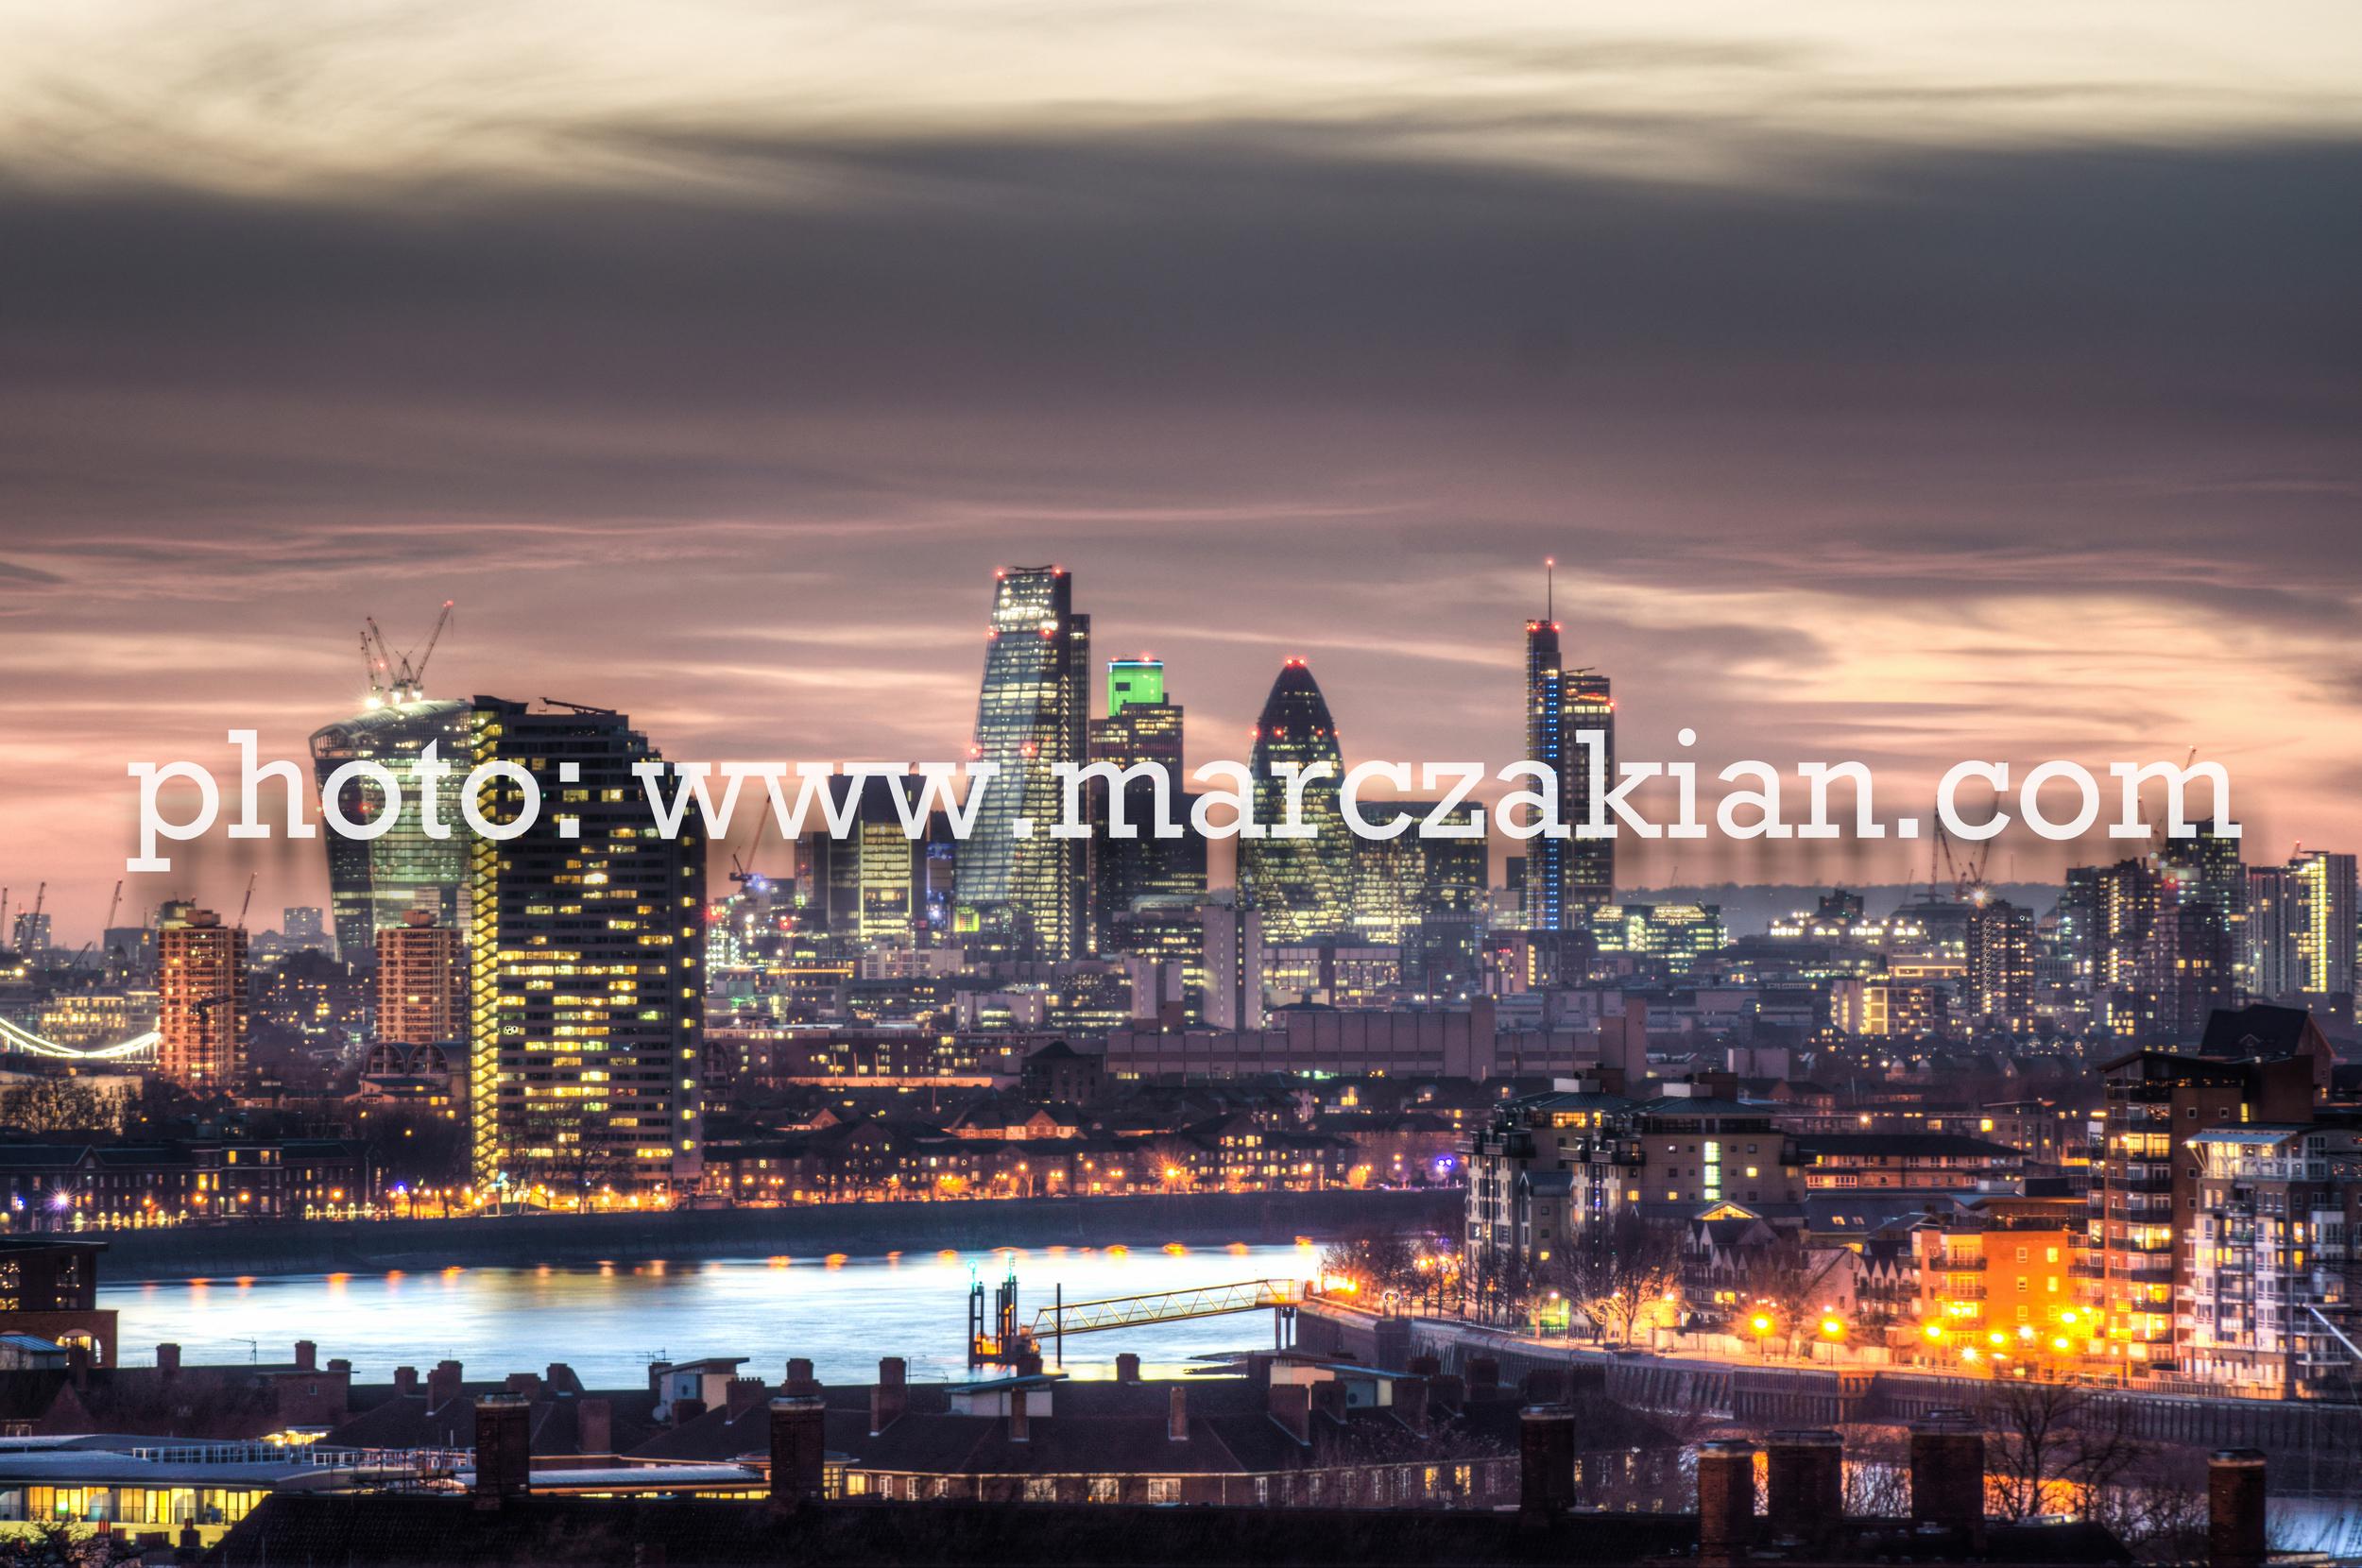 city of london skyline at dusk (1 of 1).jpg